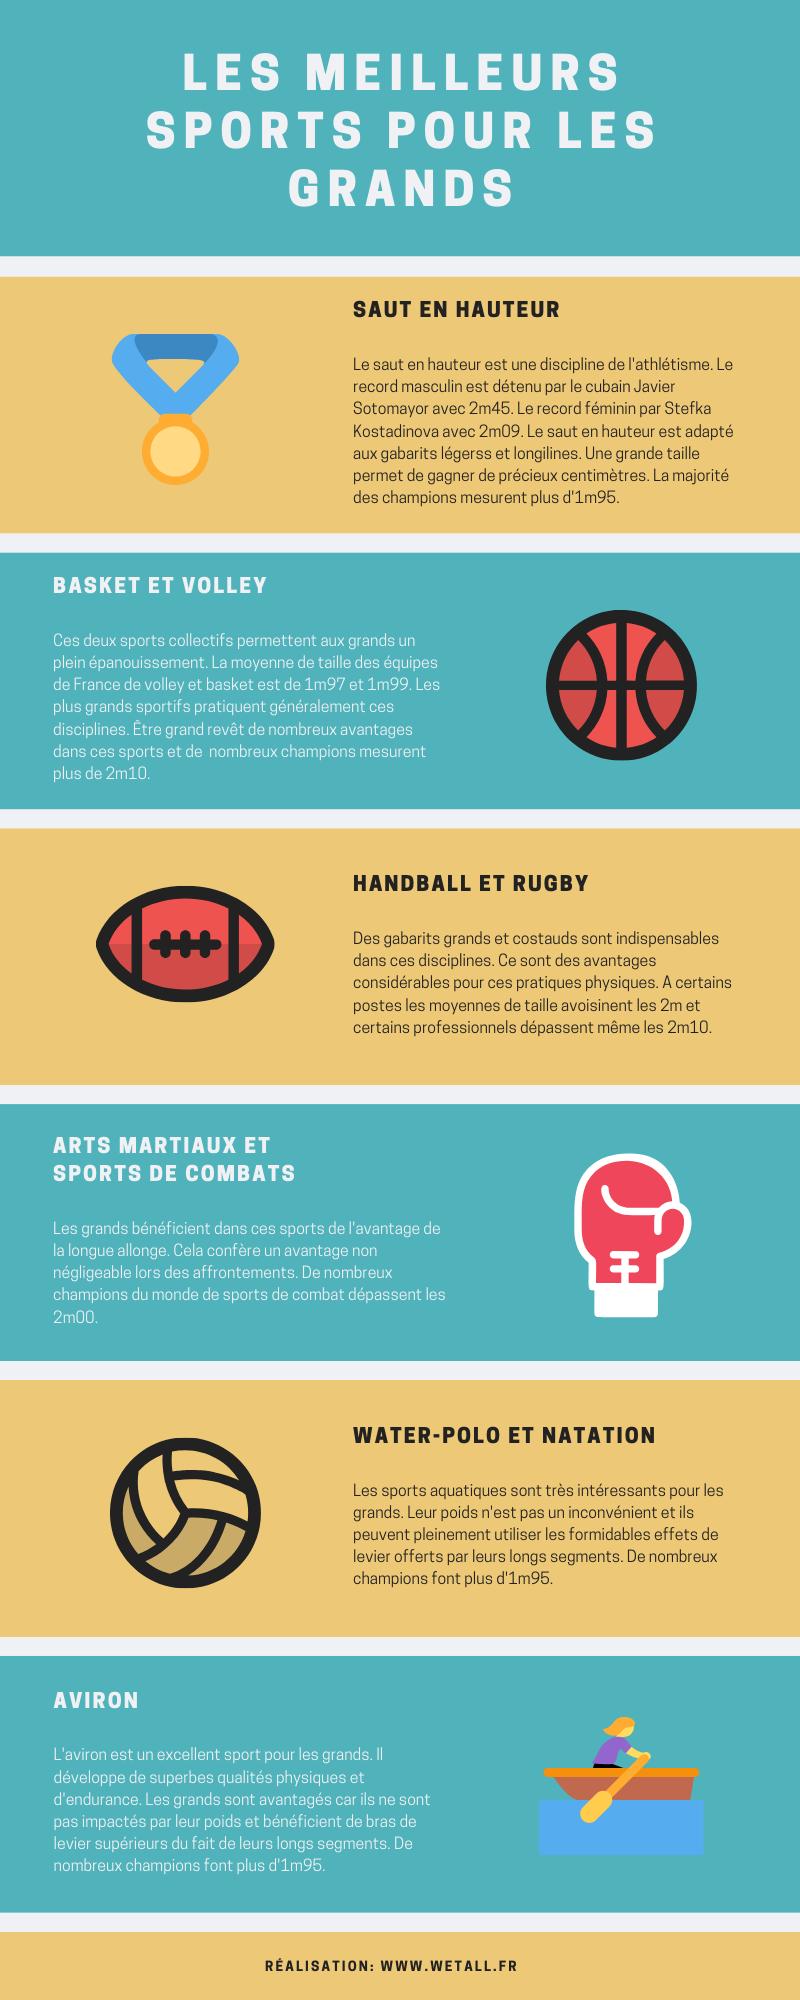 Les meilleurs sports pour les grands WETALL